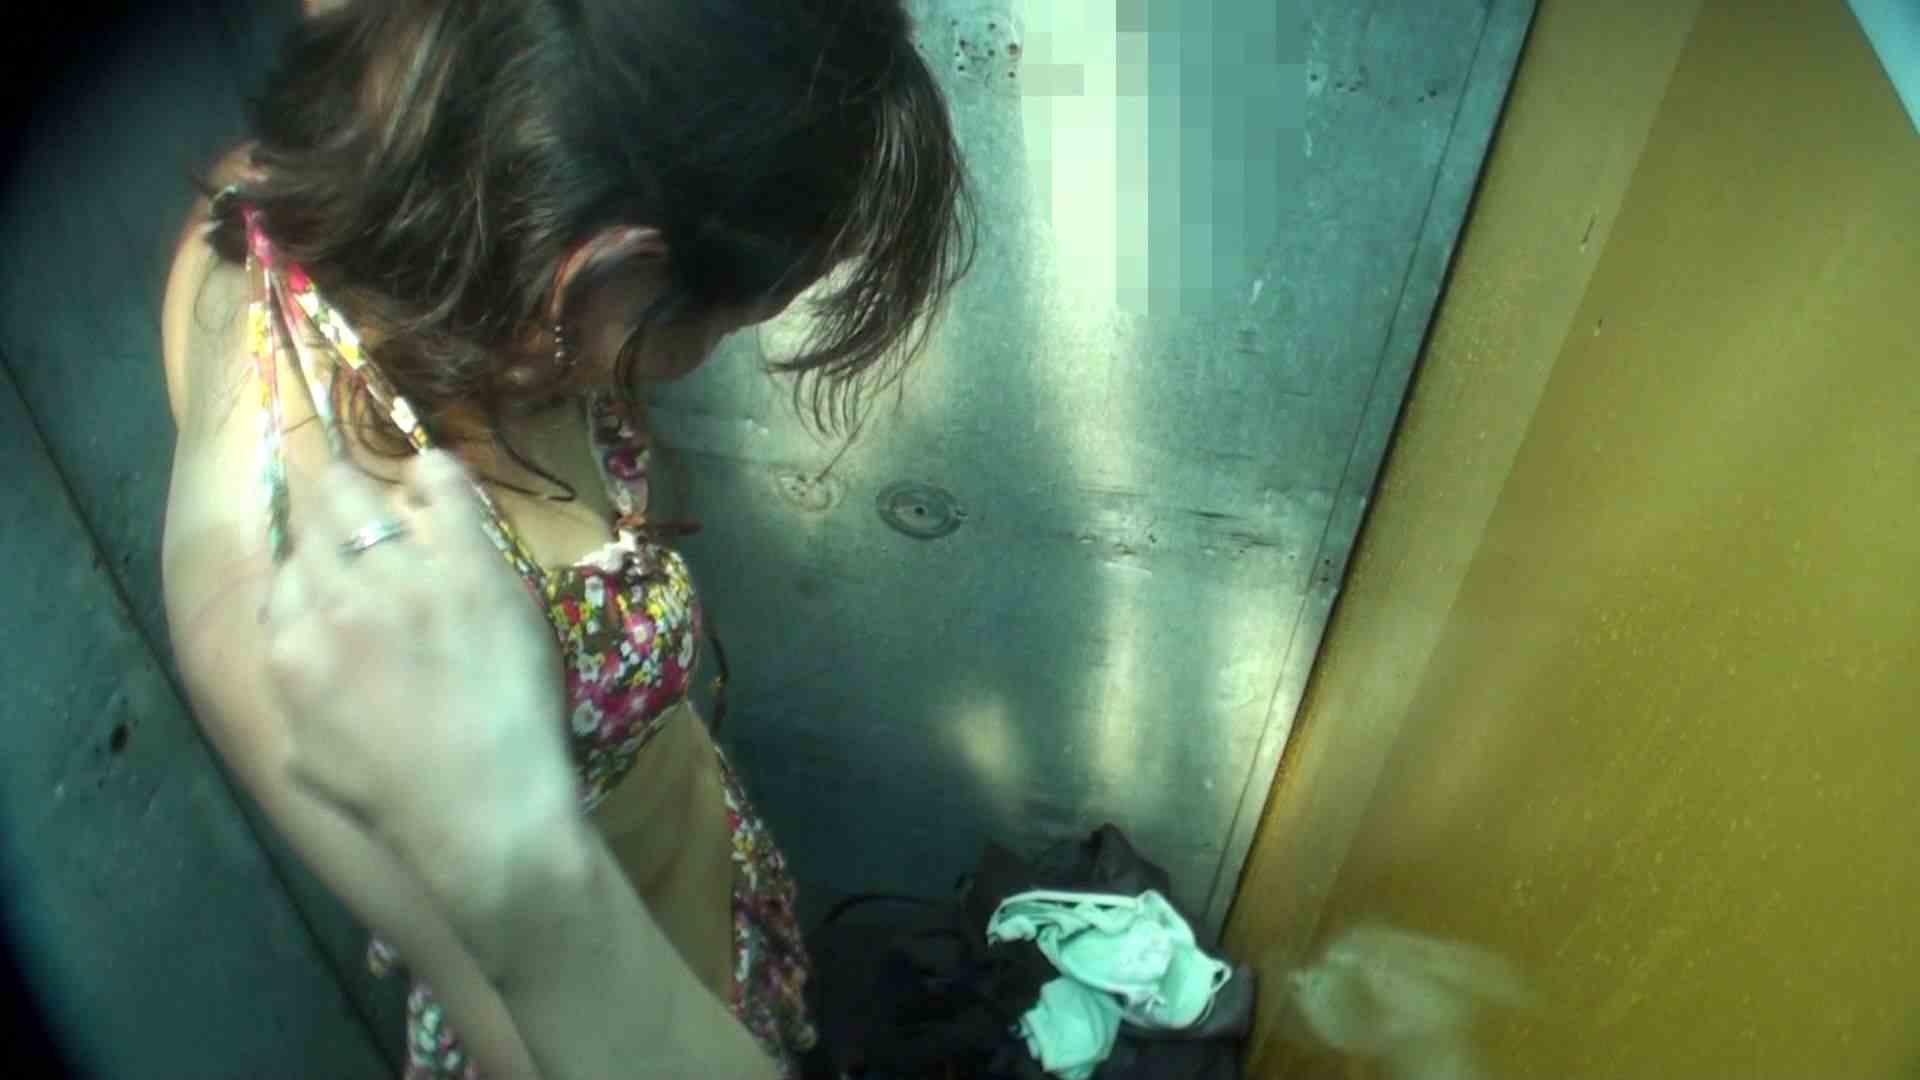 シャワールームは超!!危険な香りVol.16 意外に乳首は年増のそれ エロティックなOL  105画像 45